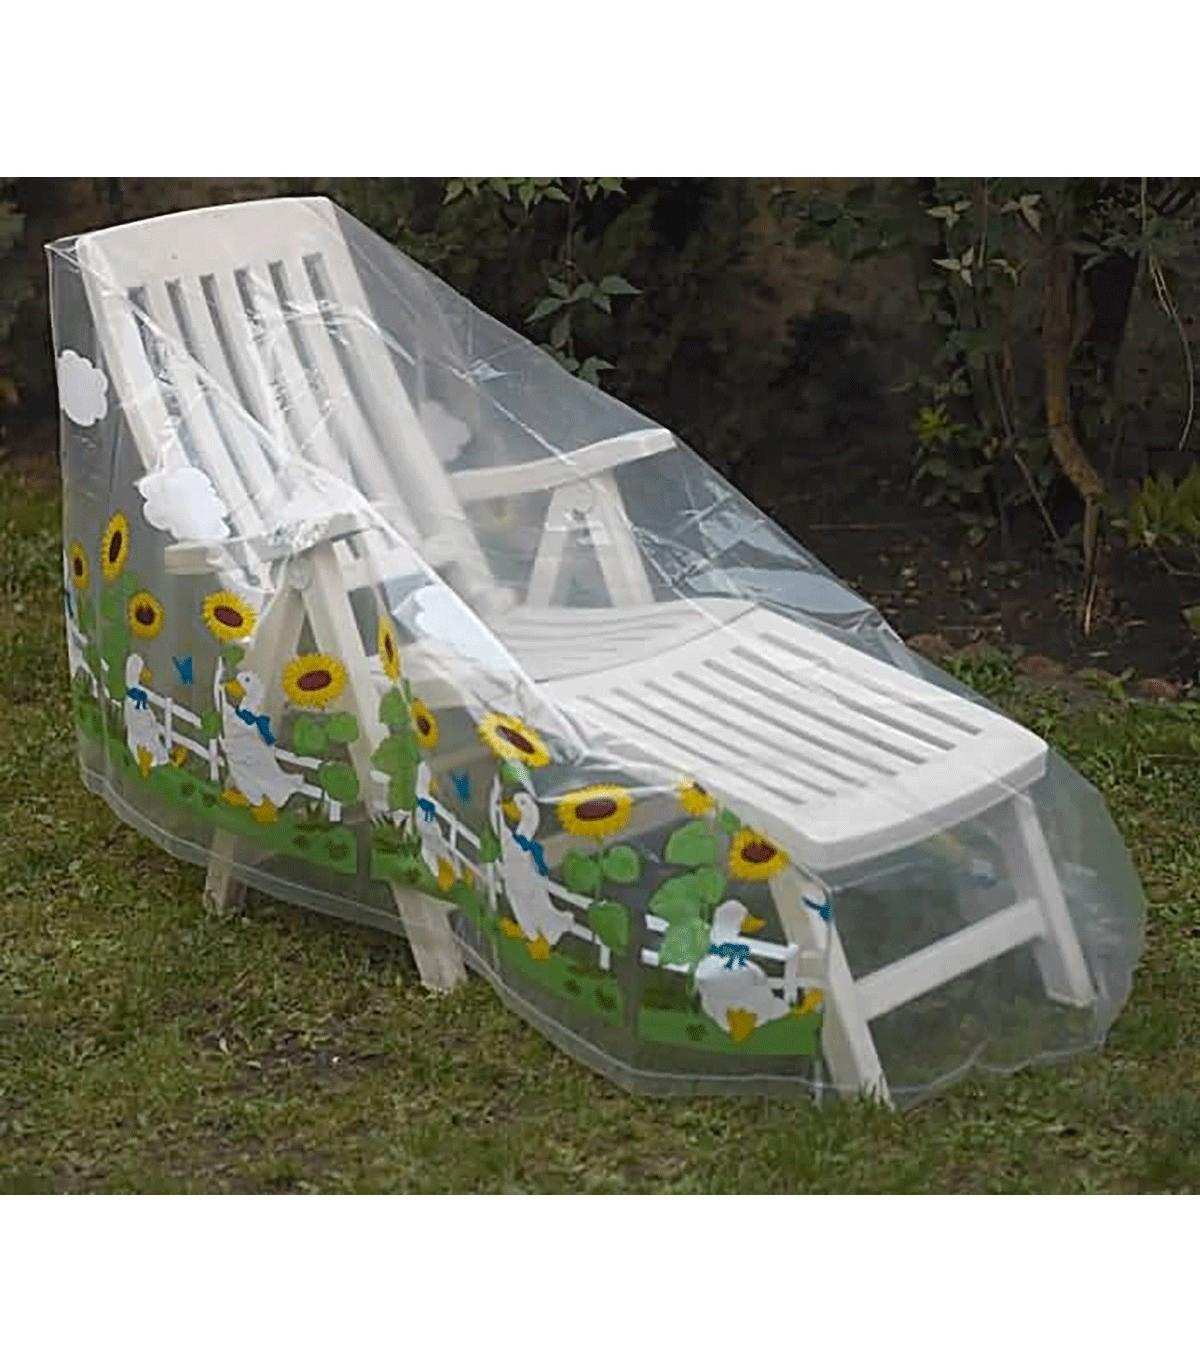 Housse Protection Chaise Longue / Transat, Accessoire Jardin concernant Housse Chaise Longue Jardin